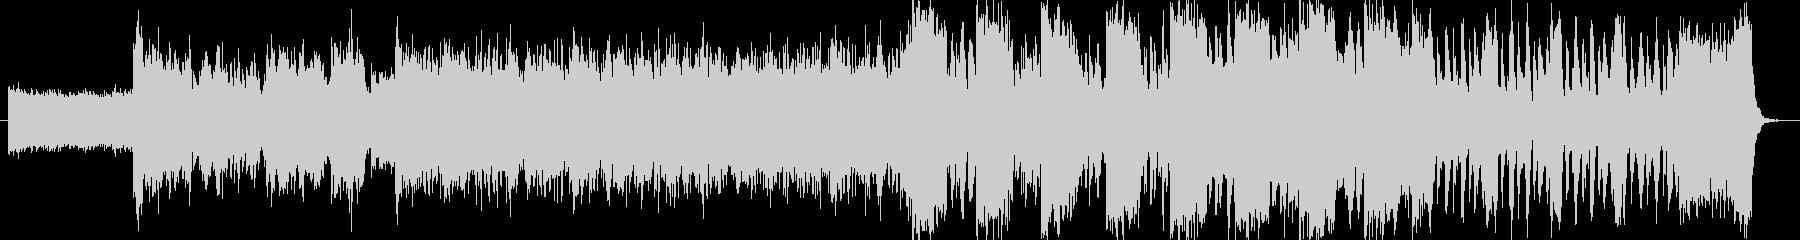 EDM系の緊迫した空気の曲(ギター入り)の未再生の波形